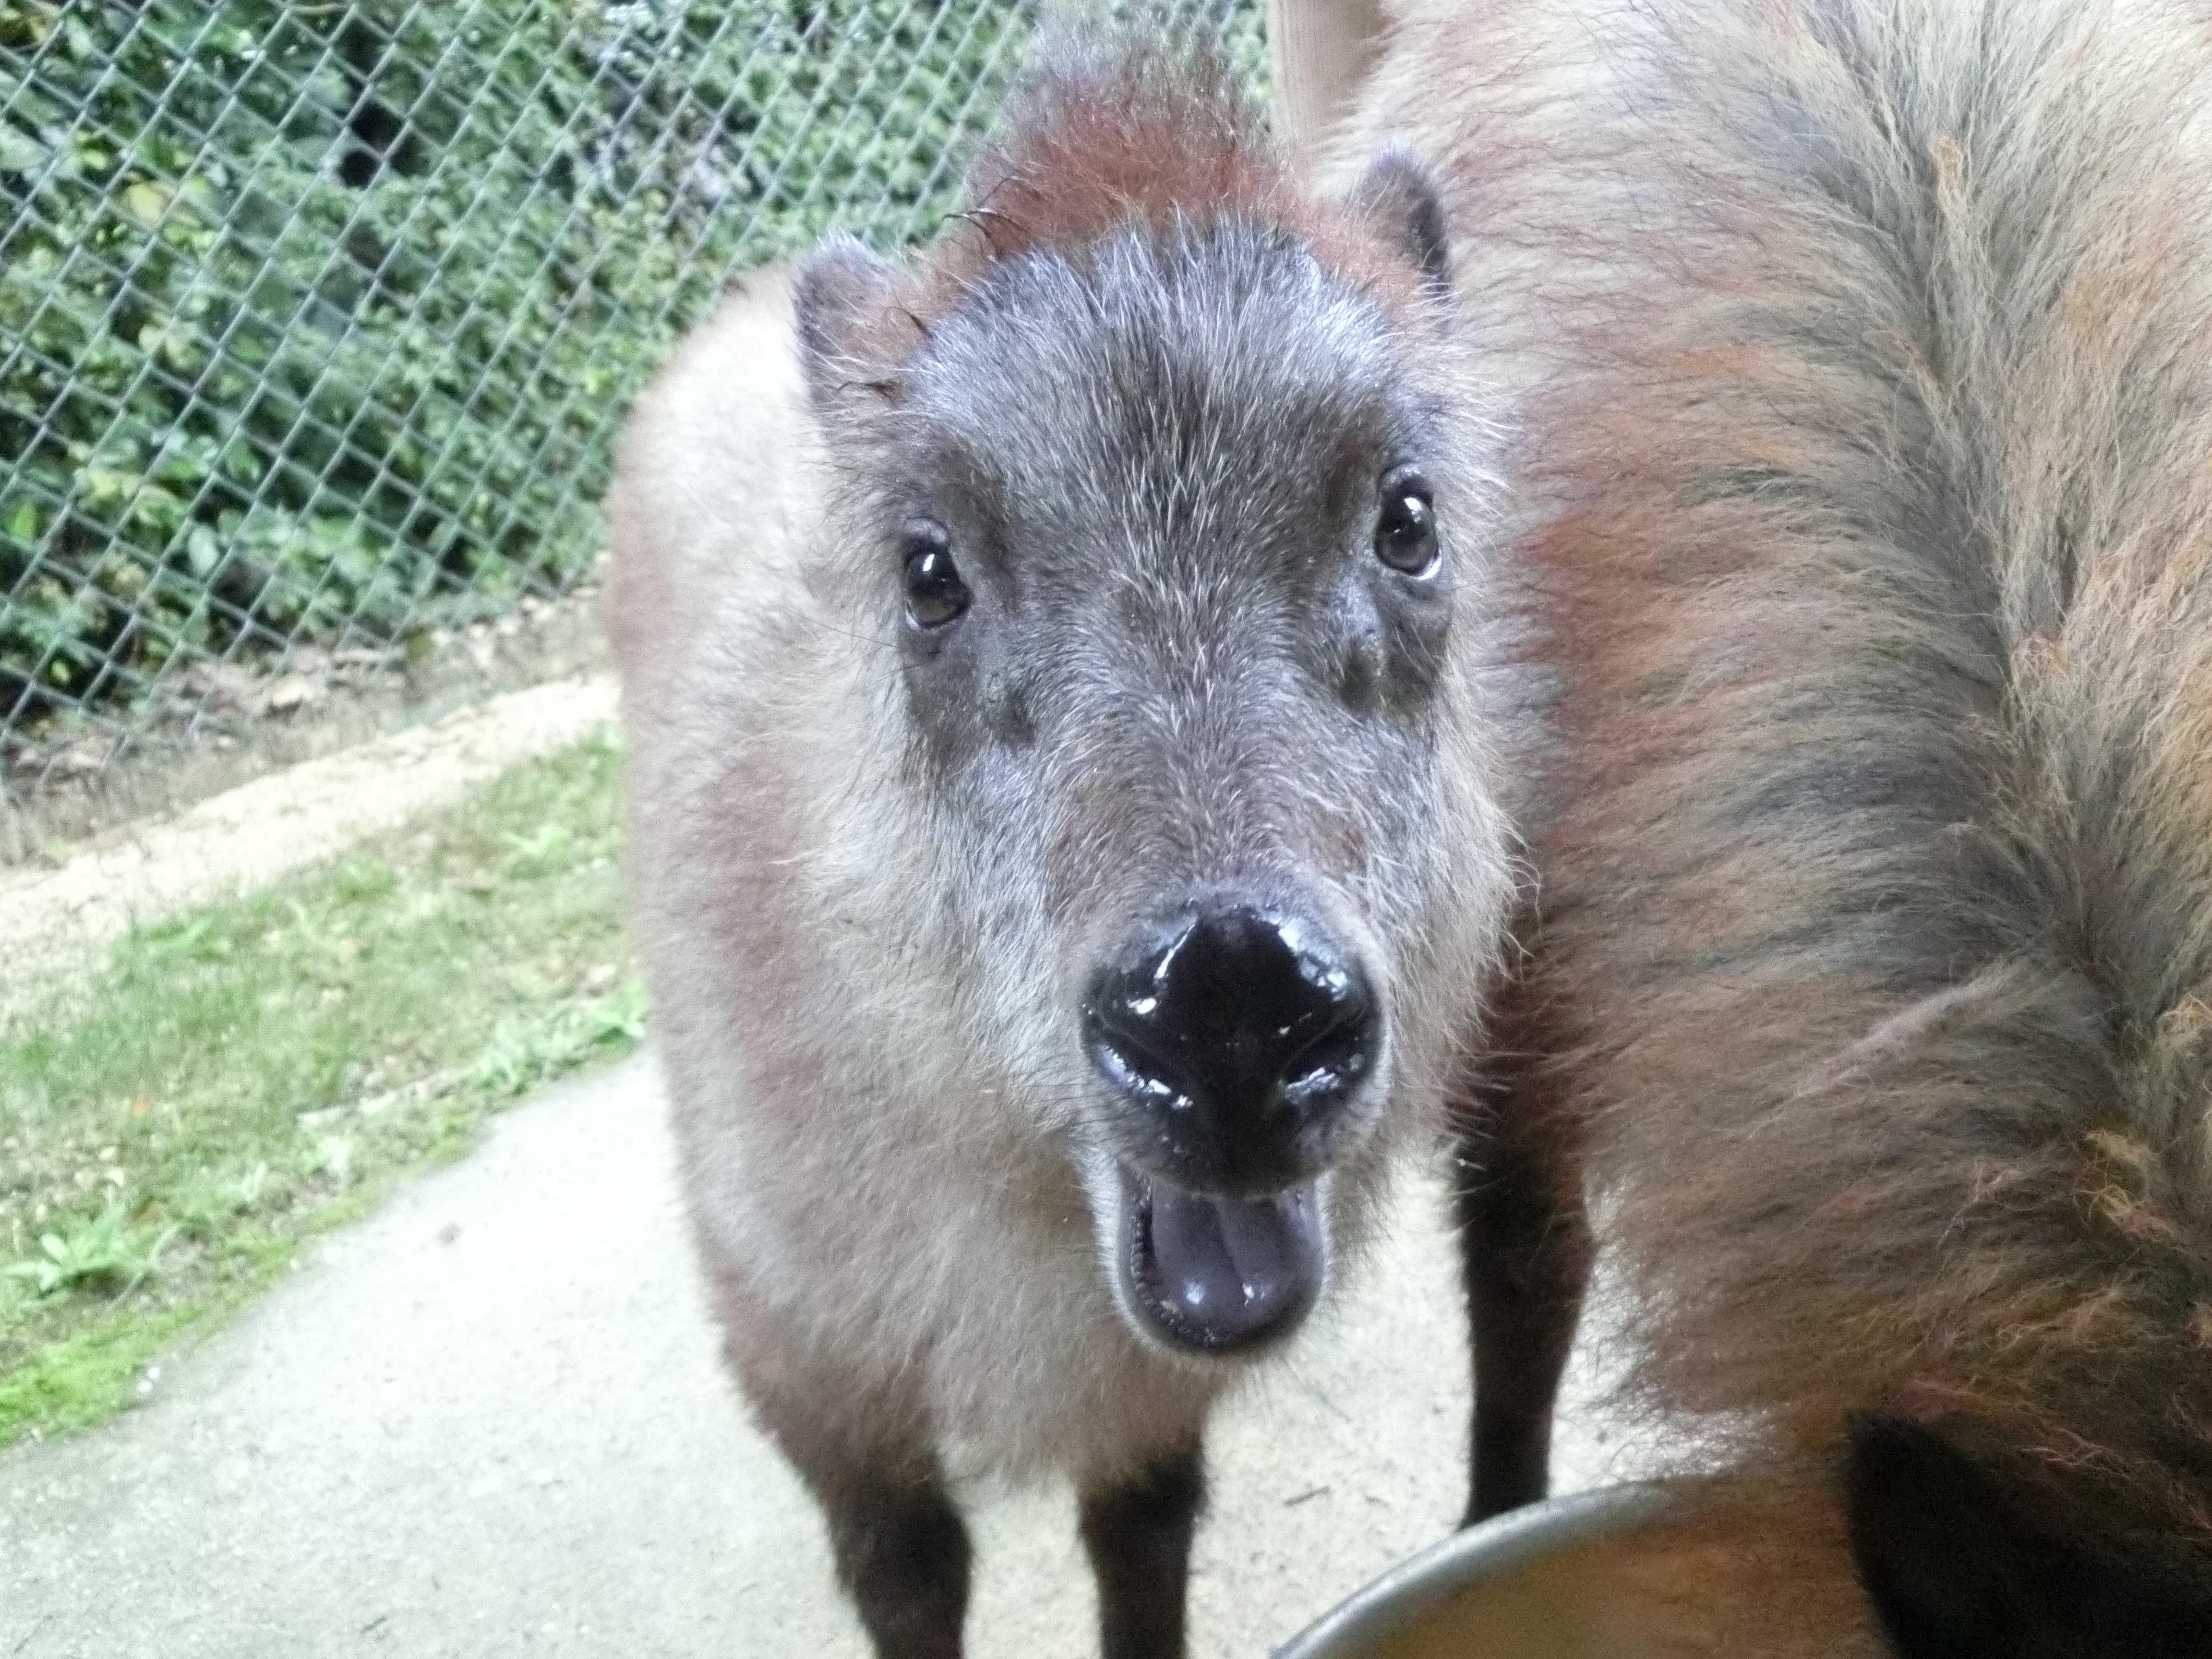 http://www.asazoo.jp/animal/blog/99a0d8ed7e5279aec3099983557587c881084326.JPG